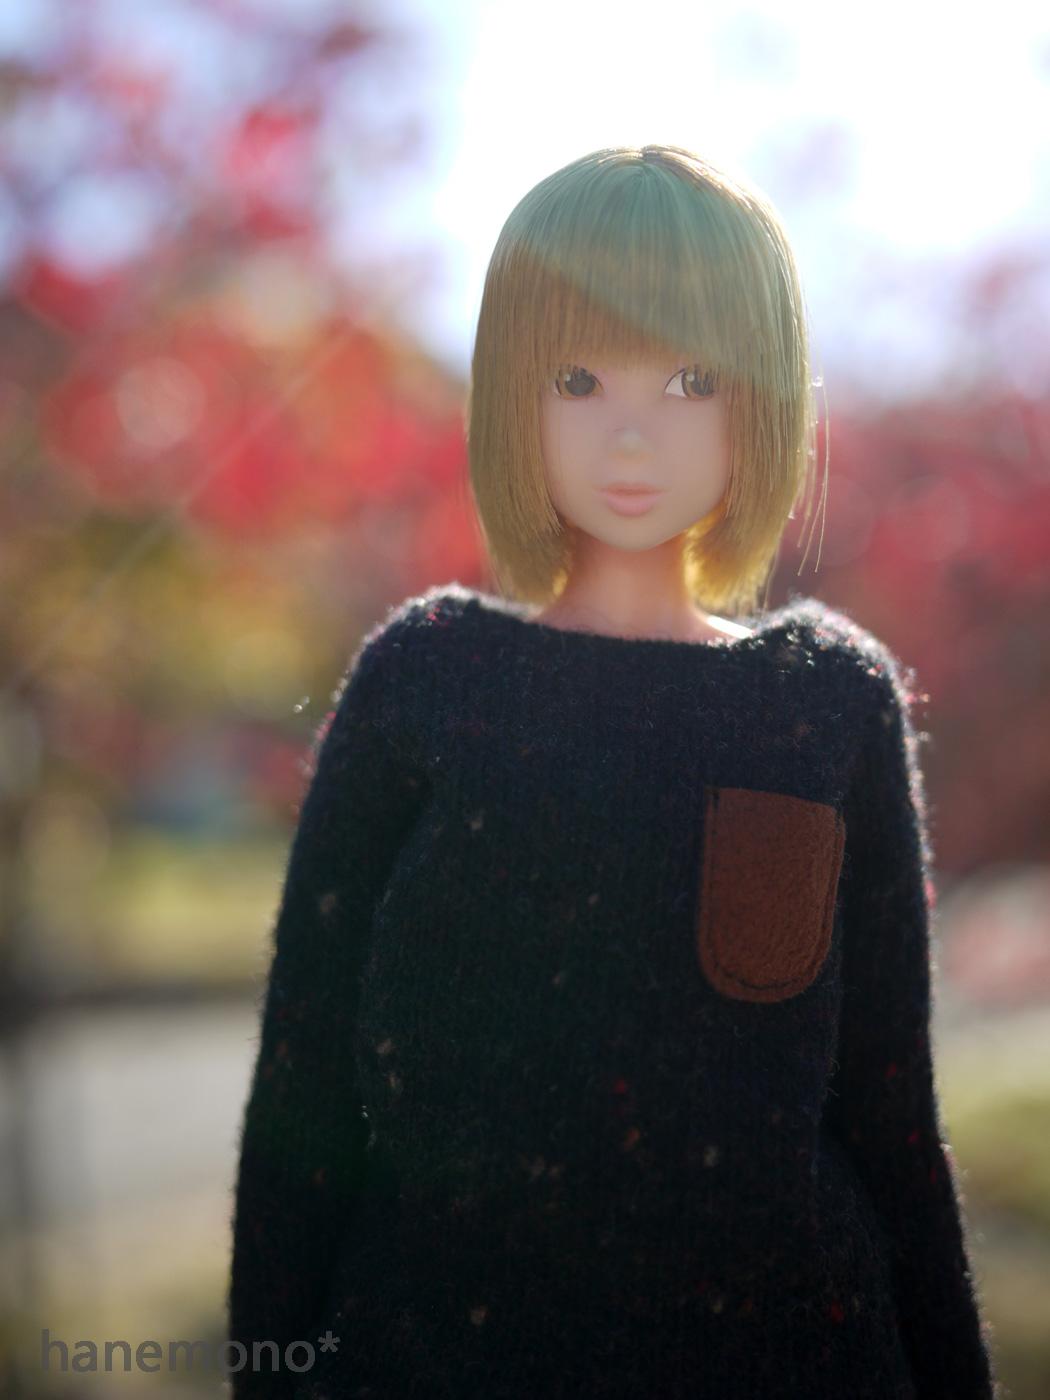 http://momoko.so-i.net/img/141127b10lc4.jpg